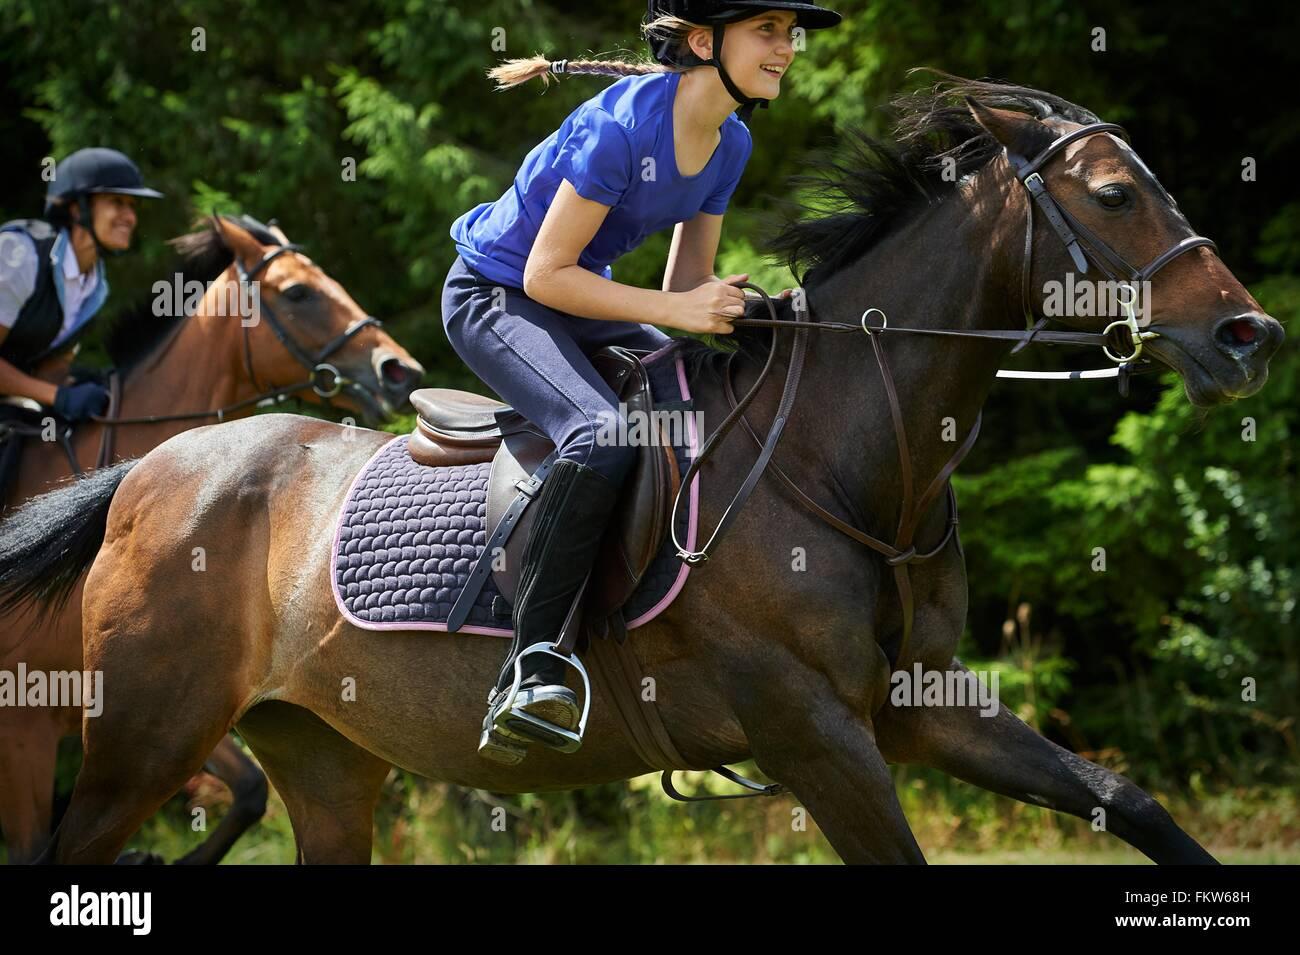 Seitenansicht der Mädchen reiten Pferd lächelnd Stockbild